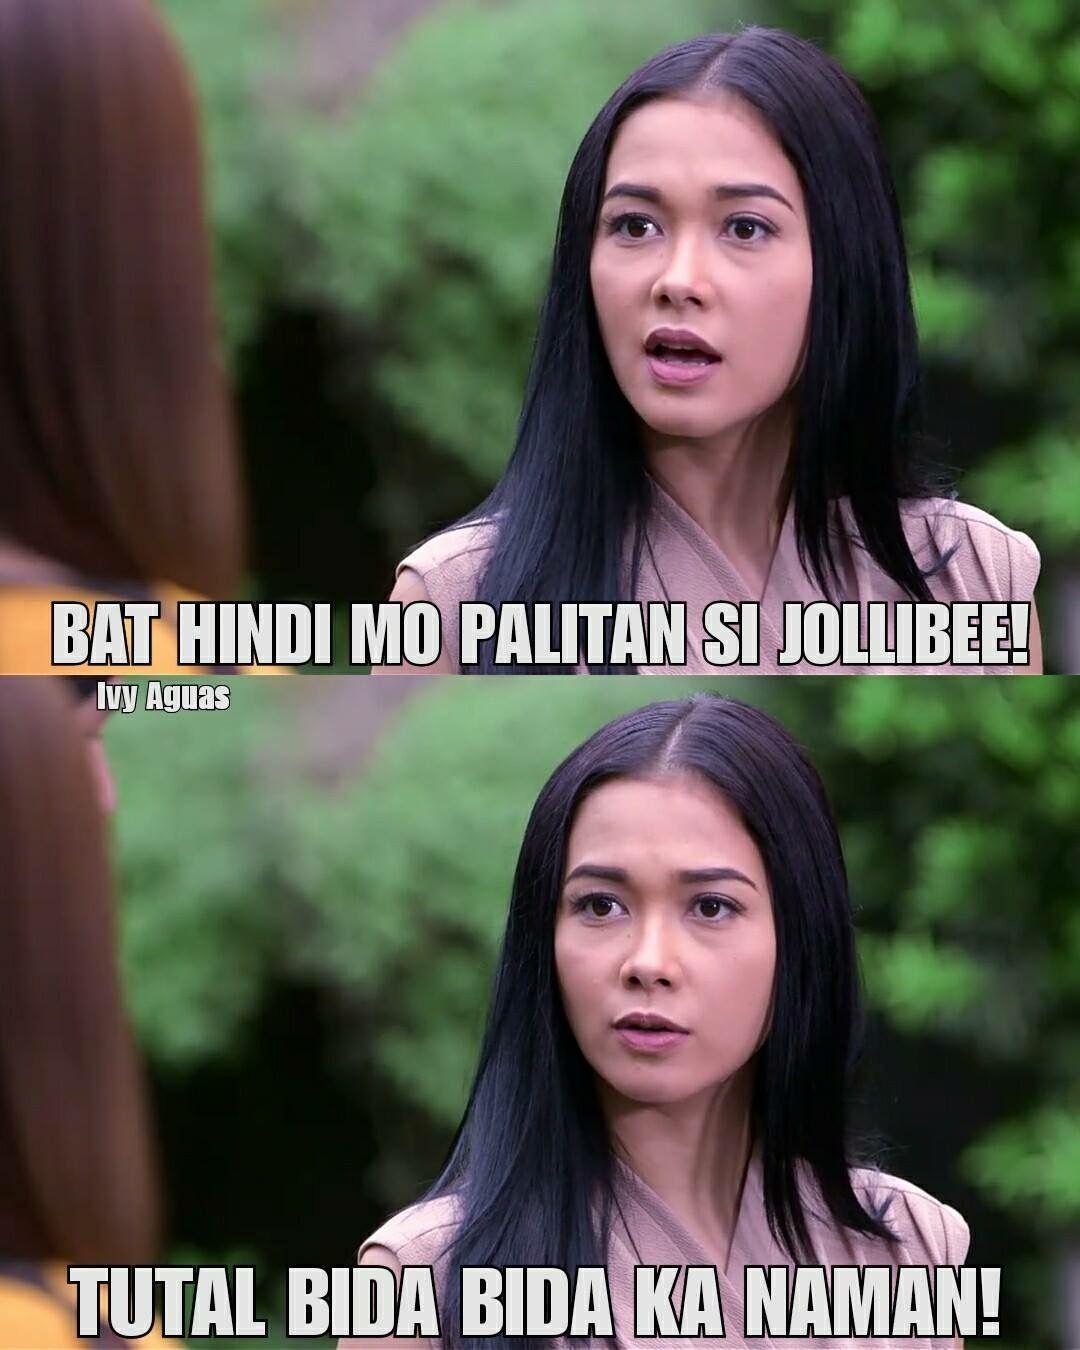 Pin by Alyana Manahan on HUGOT   Tagalog quotes hugot ...